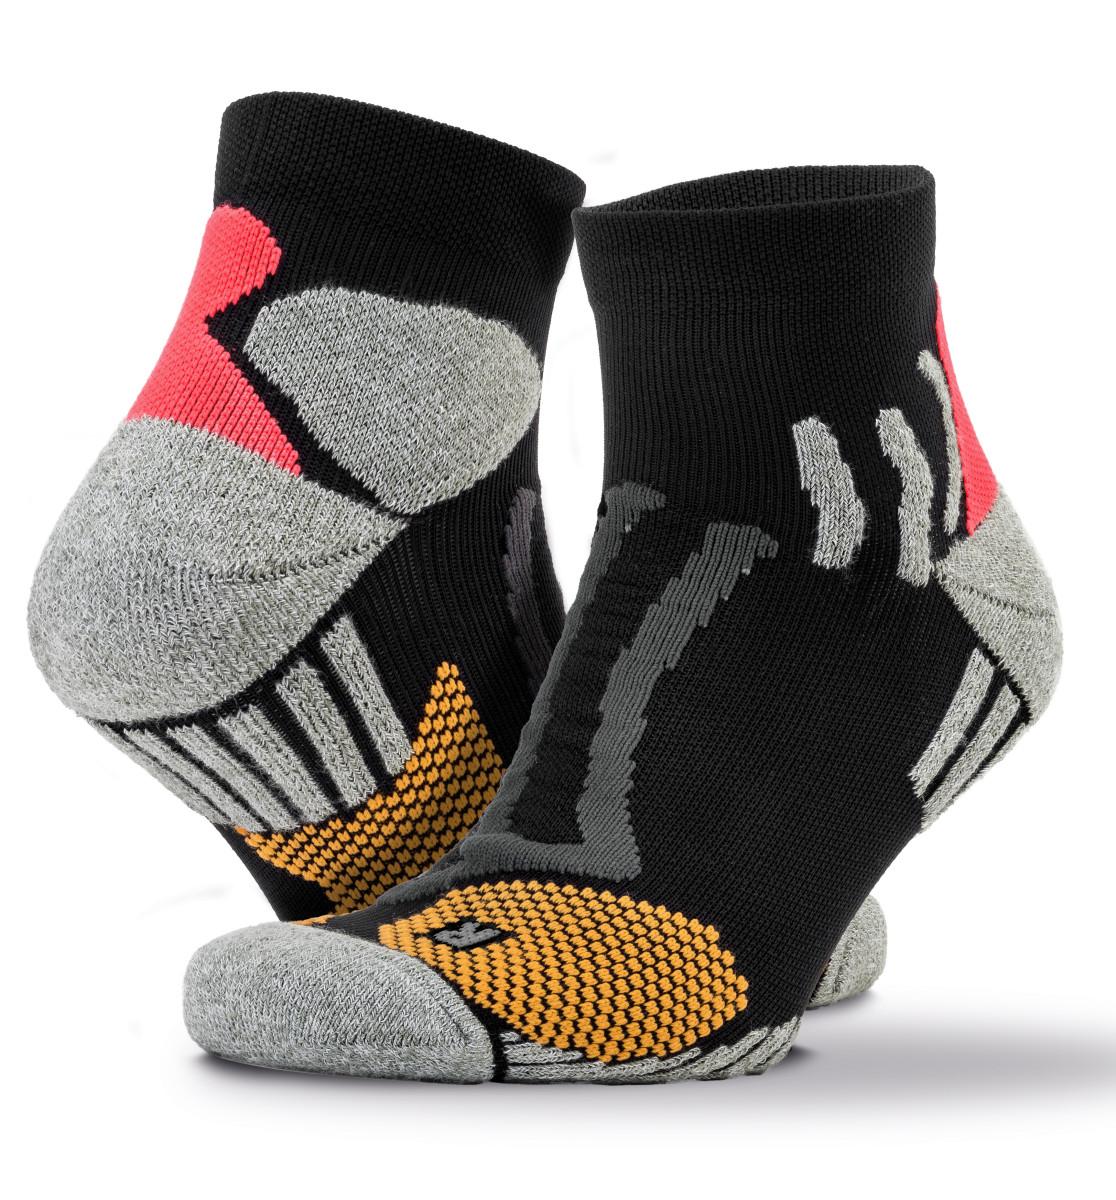 Spiro Technical Compression Sport Sock